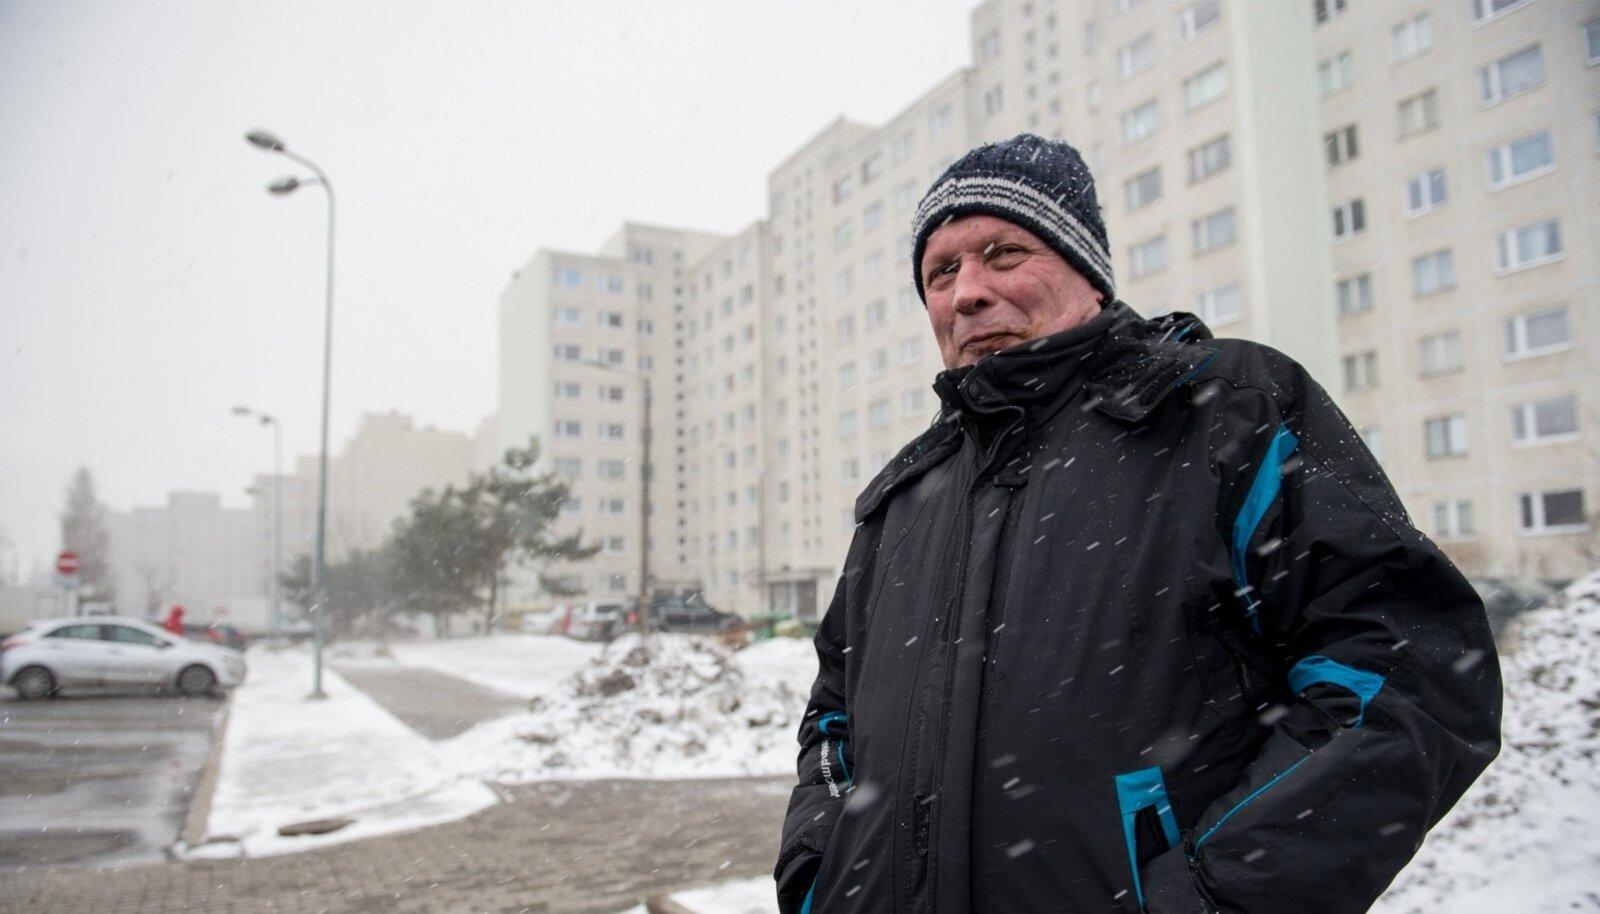 """1974. aastast Lasnamäel elav 60-aastane Sergei sõnab, et Ida-Lasnamäe puhul ei saa infosulust rääkida. """"Muidugi me vaatame uudiseid, me tahame teada, mis Eestis toimub,"""" ütleb ta, kuid tõdeb, et uudised ei peegelda pahatihti lasnamäelaste probleeme."""